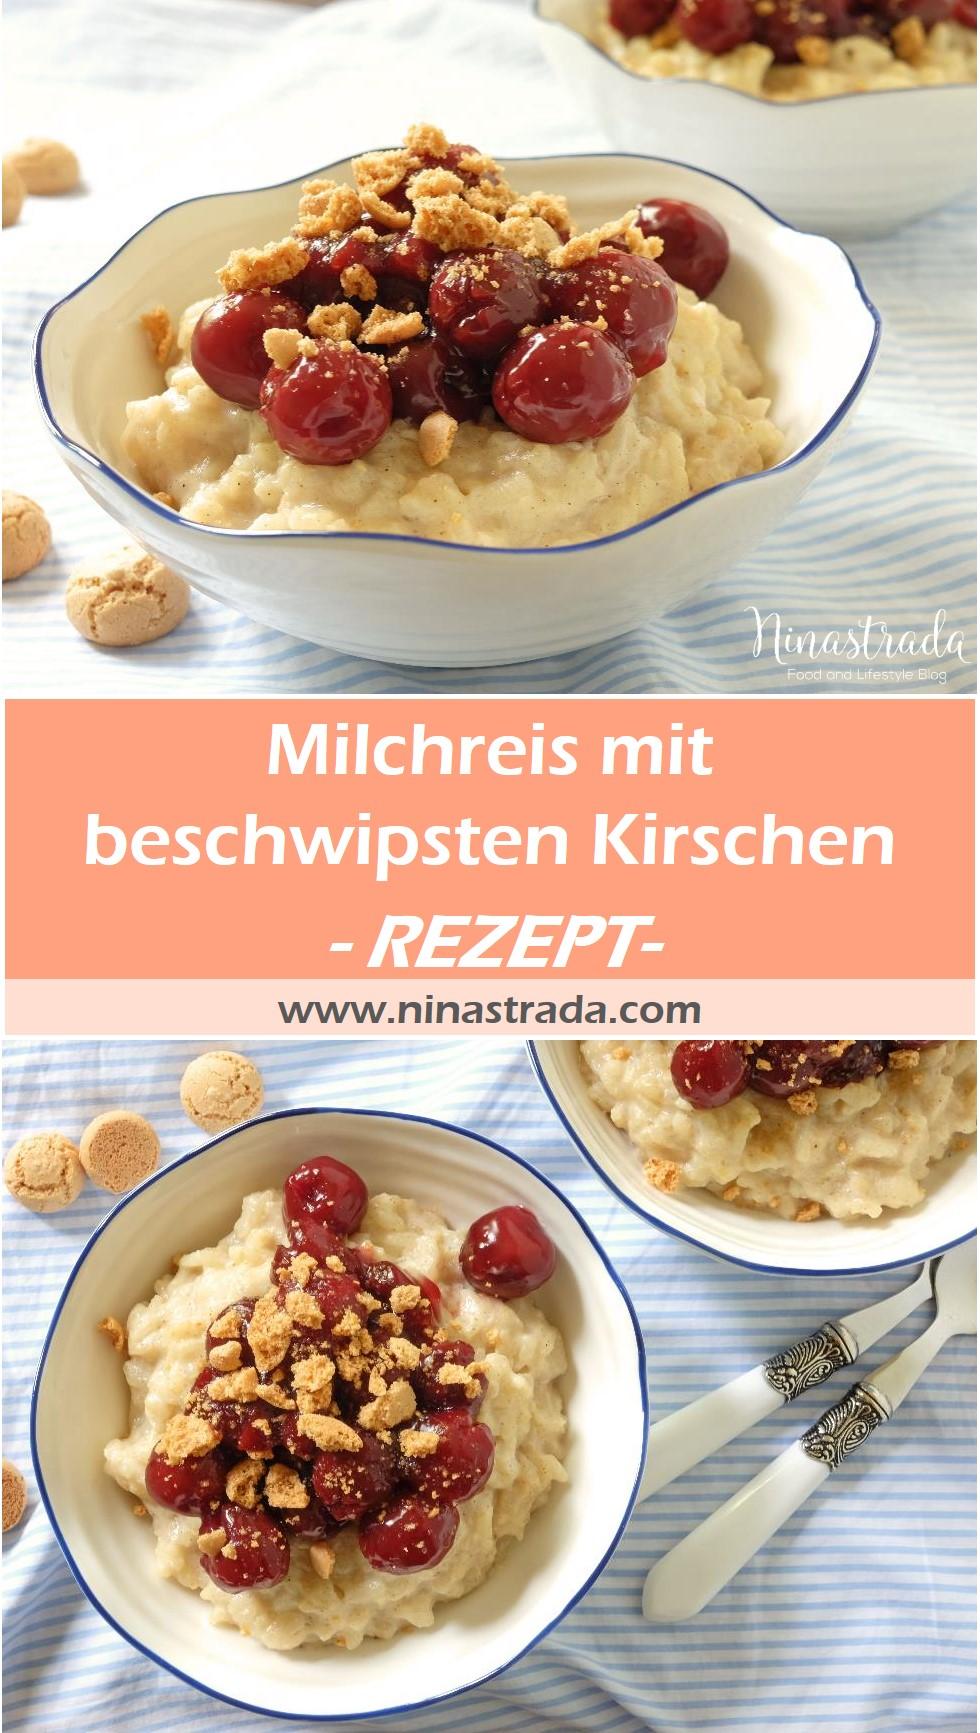 Rezept für Milchreis mit beschwipsten Kirschen. Mit Amaretto und Amarettini habe ich das Rezept aus meiner Kindheit aufgepeppt.